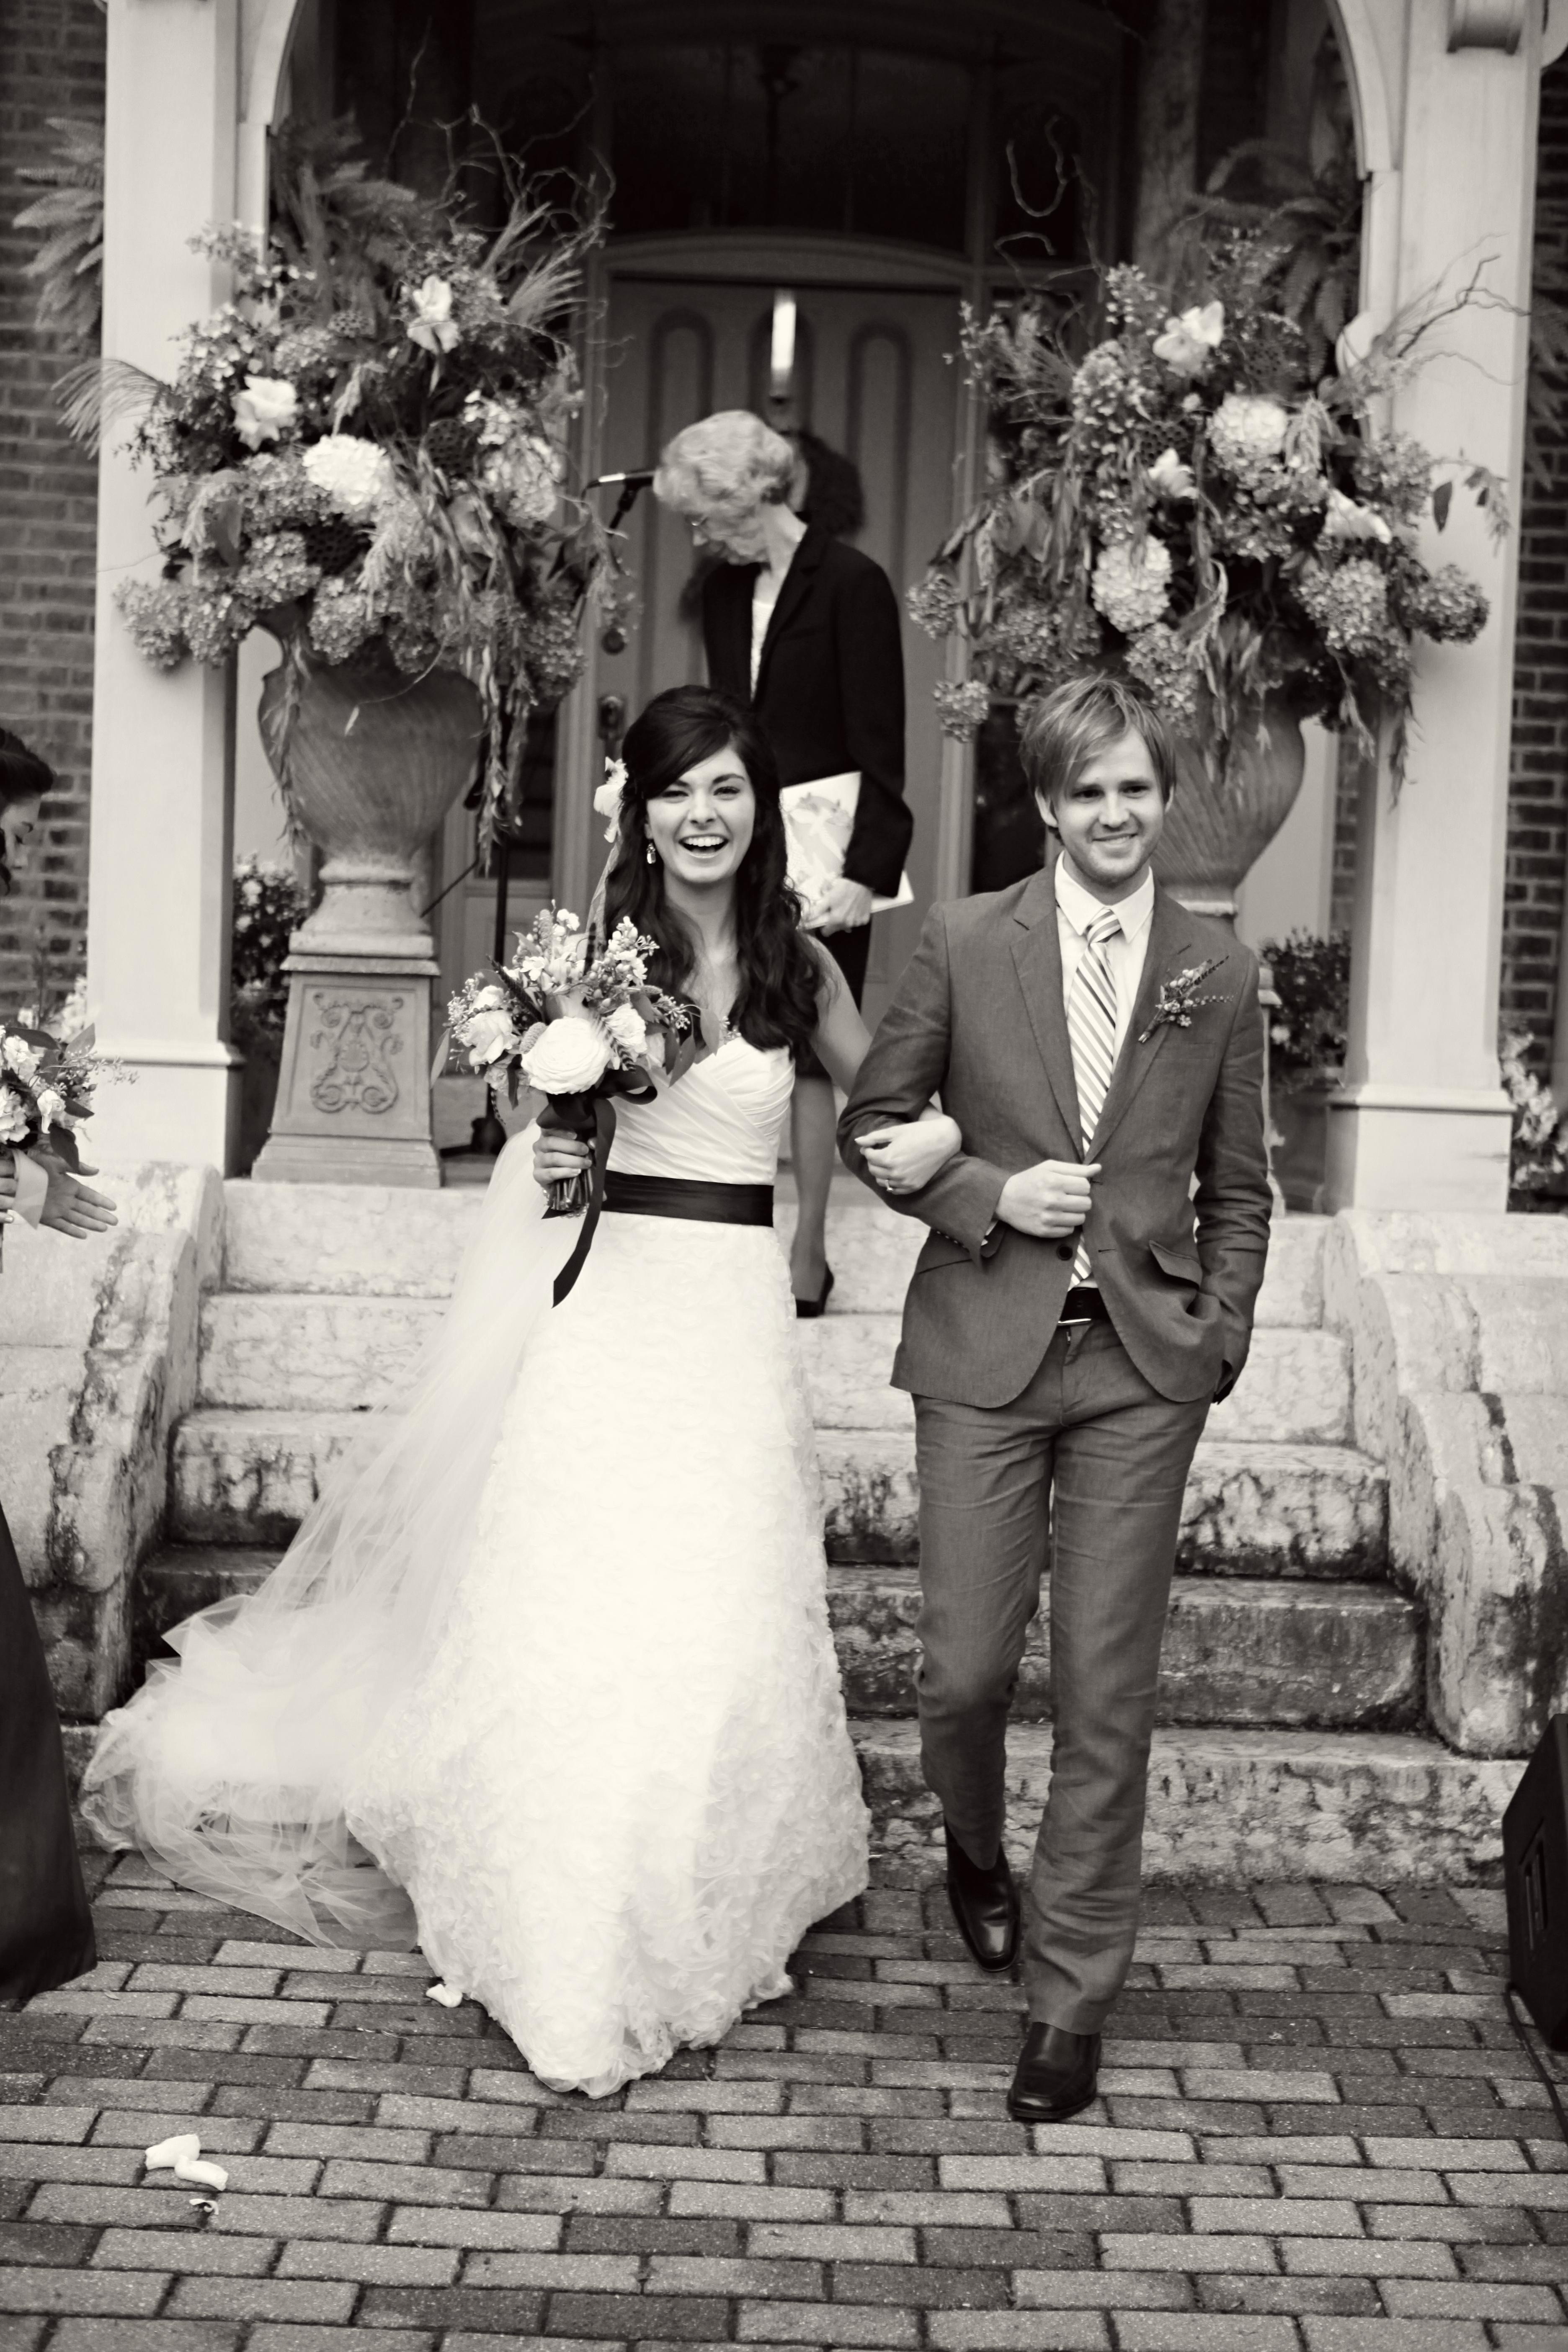 Real Weddings, Wedding Style, Fall Weddings, Northeast Real Weddings, Rustic Real Weddings, Fall Real Weddings, Garden Real Weddings, Garden Weddings, Rustic Weddings